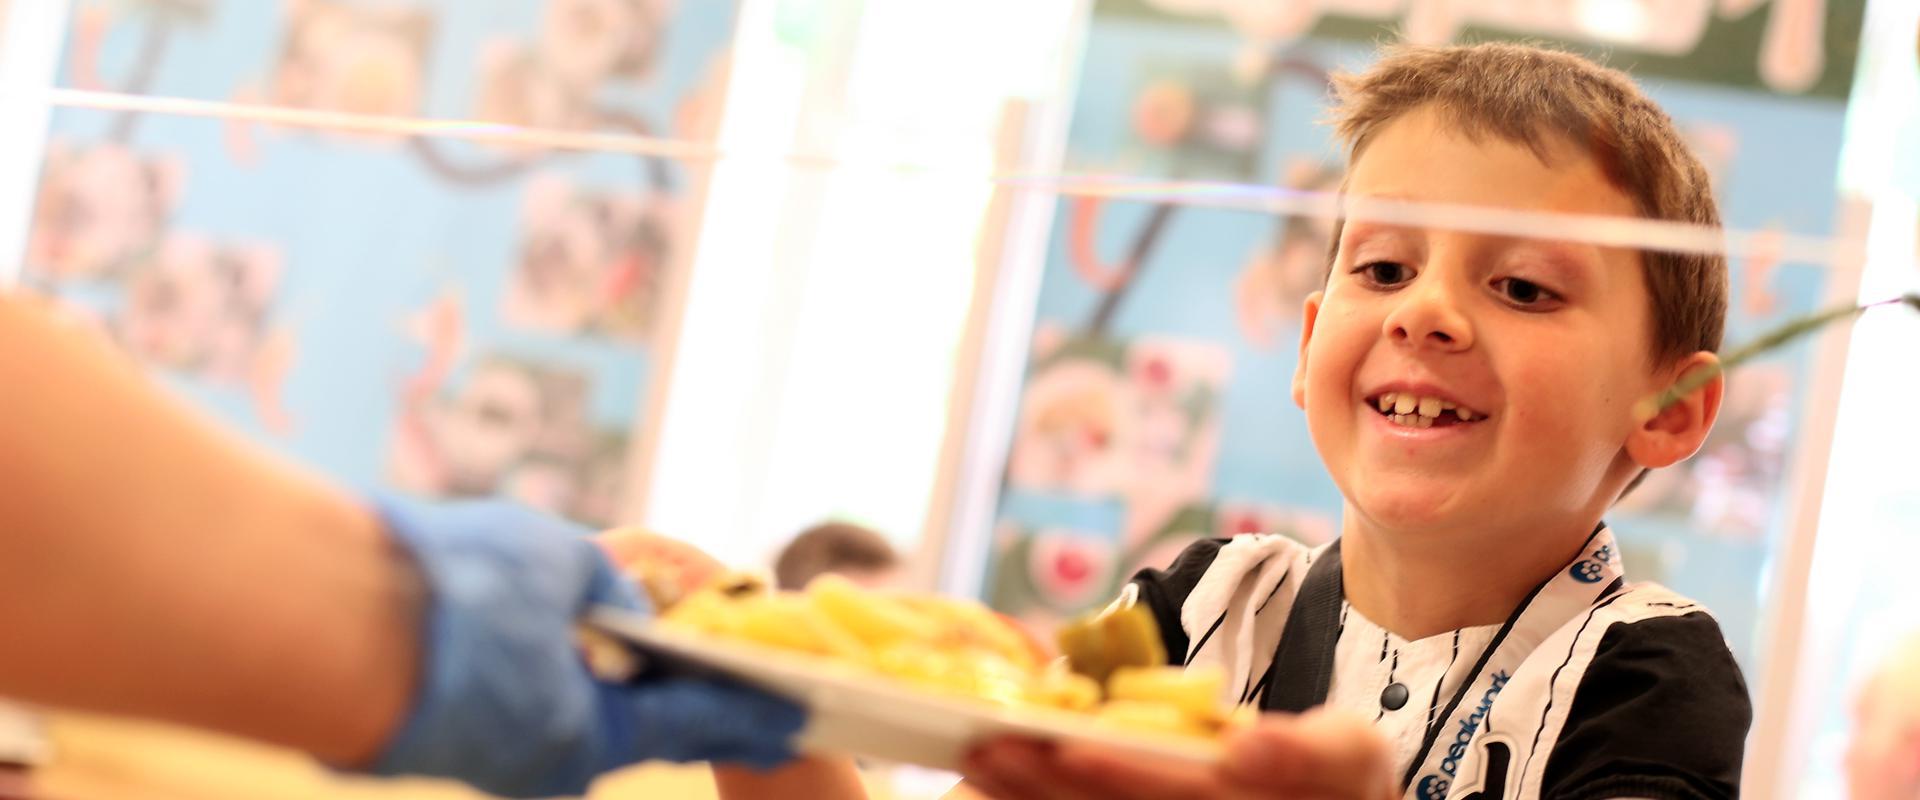 Junge an der Essensausgabe in der MEDIAN Kinder- und Jugendklinik Beelitz